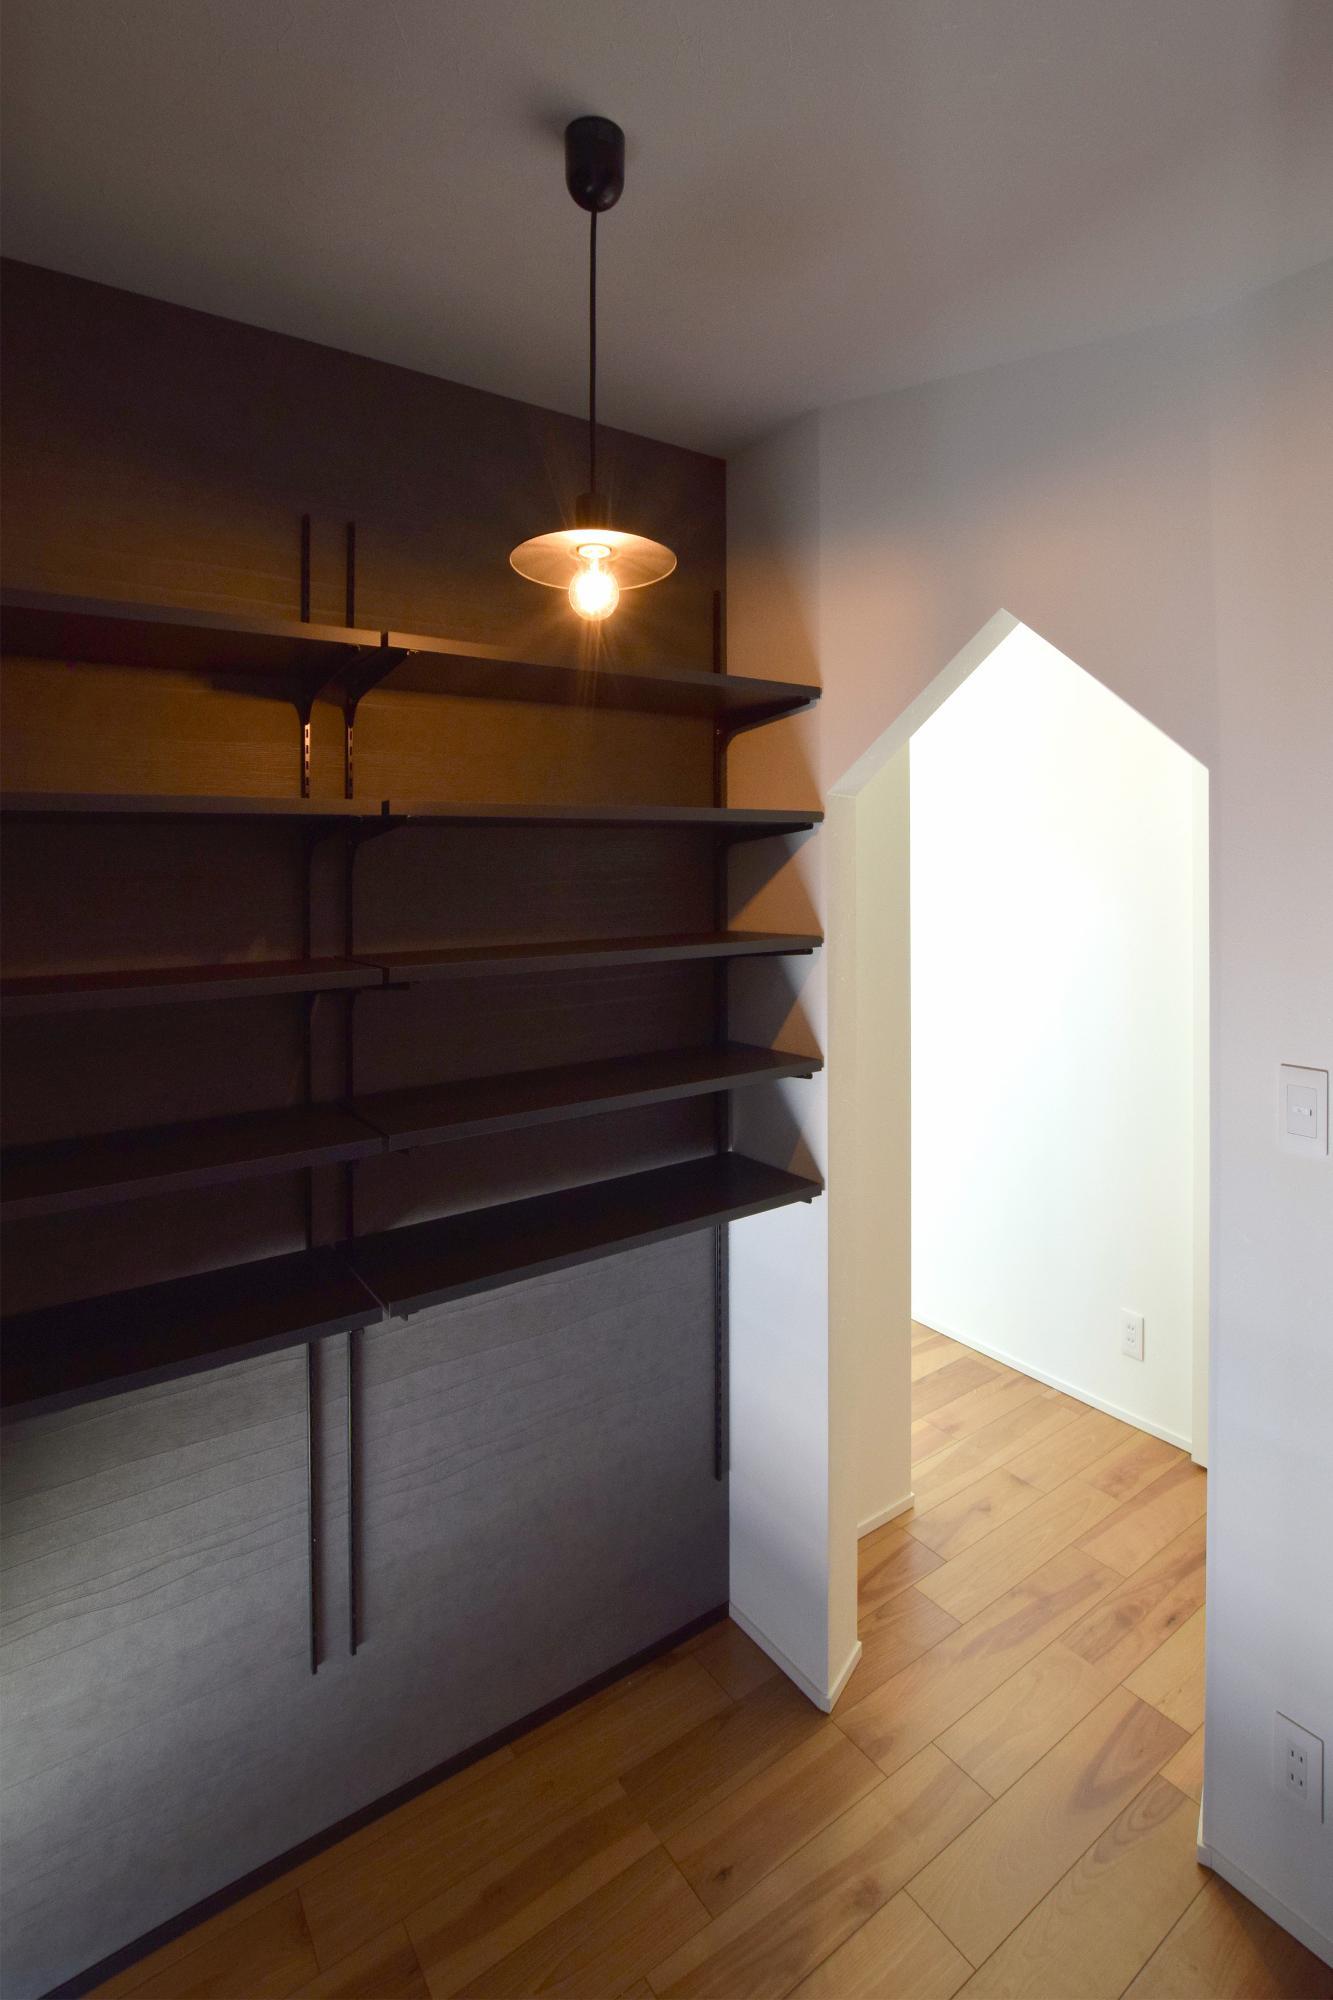 断熱材が2倍の全館空調の家の写真4